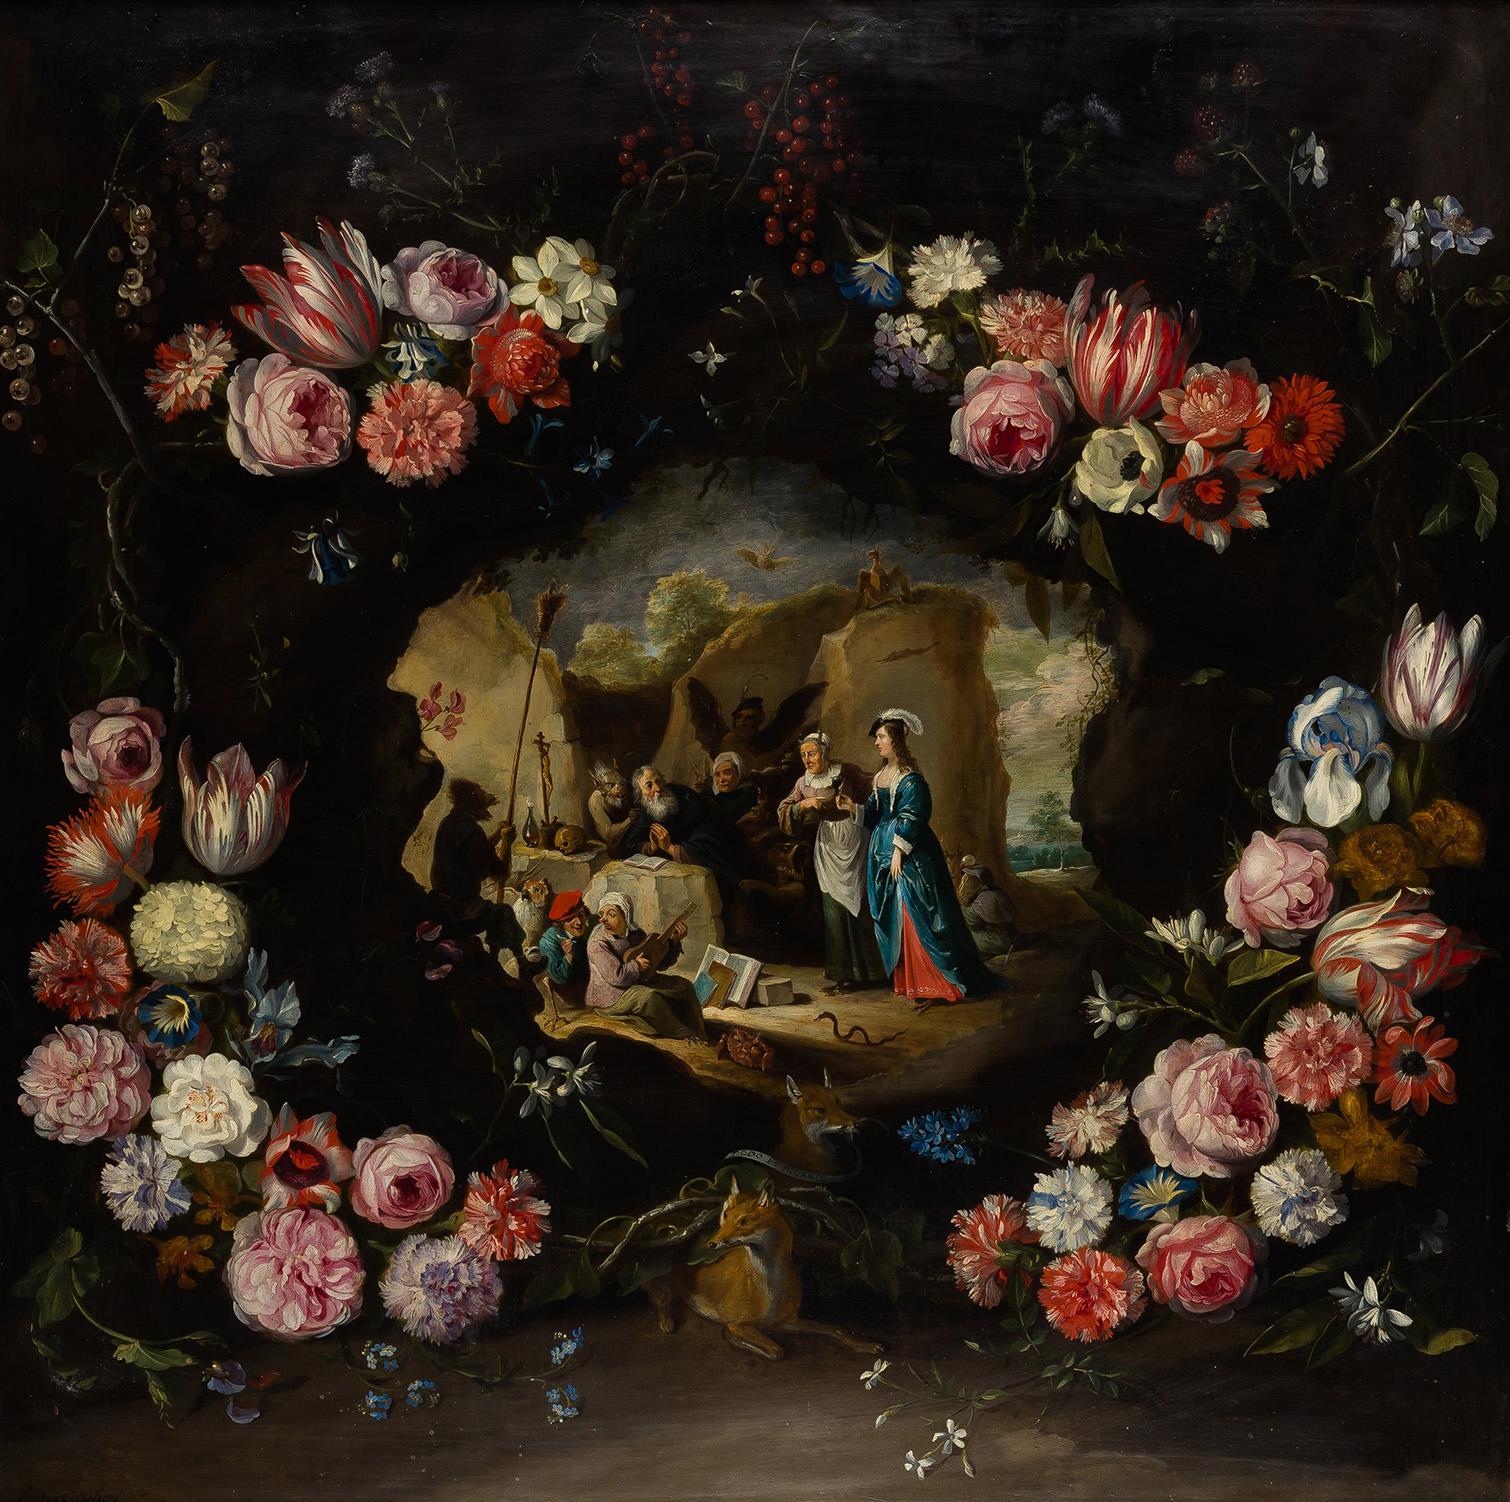 14.-guirnalda-de-flores-con-las-tentaciones-de-san-antonio-david-teniers-el-joven-jan-brueghel-el-joven-cortesa-arthemisia-espaa